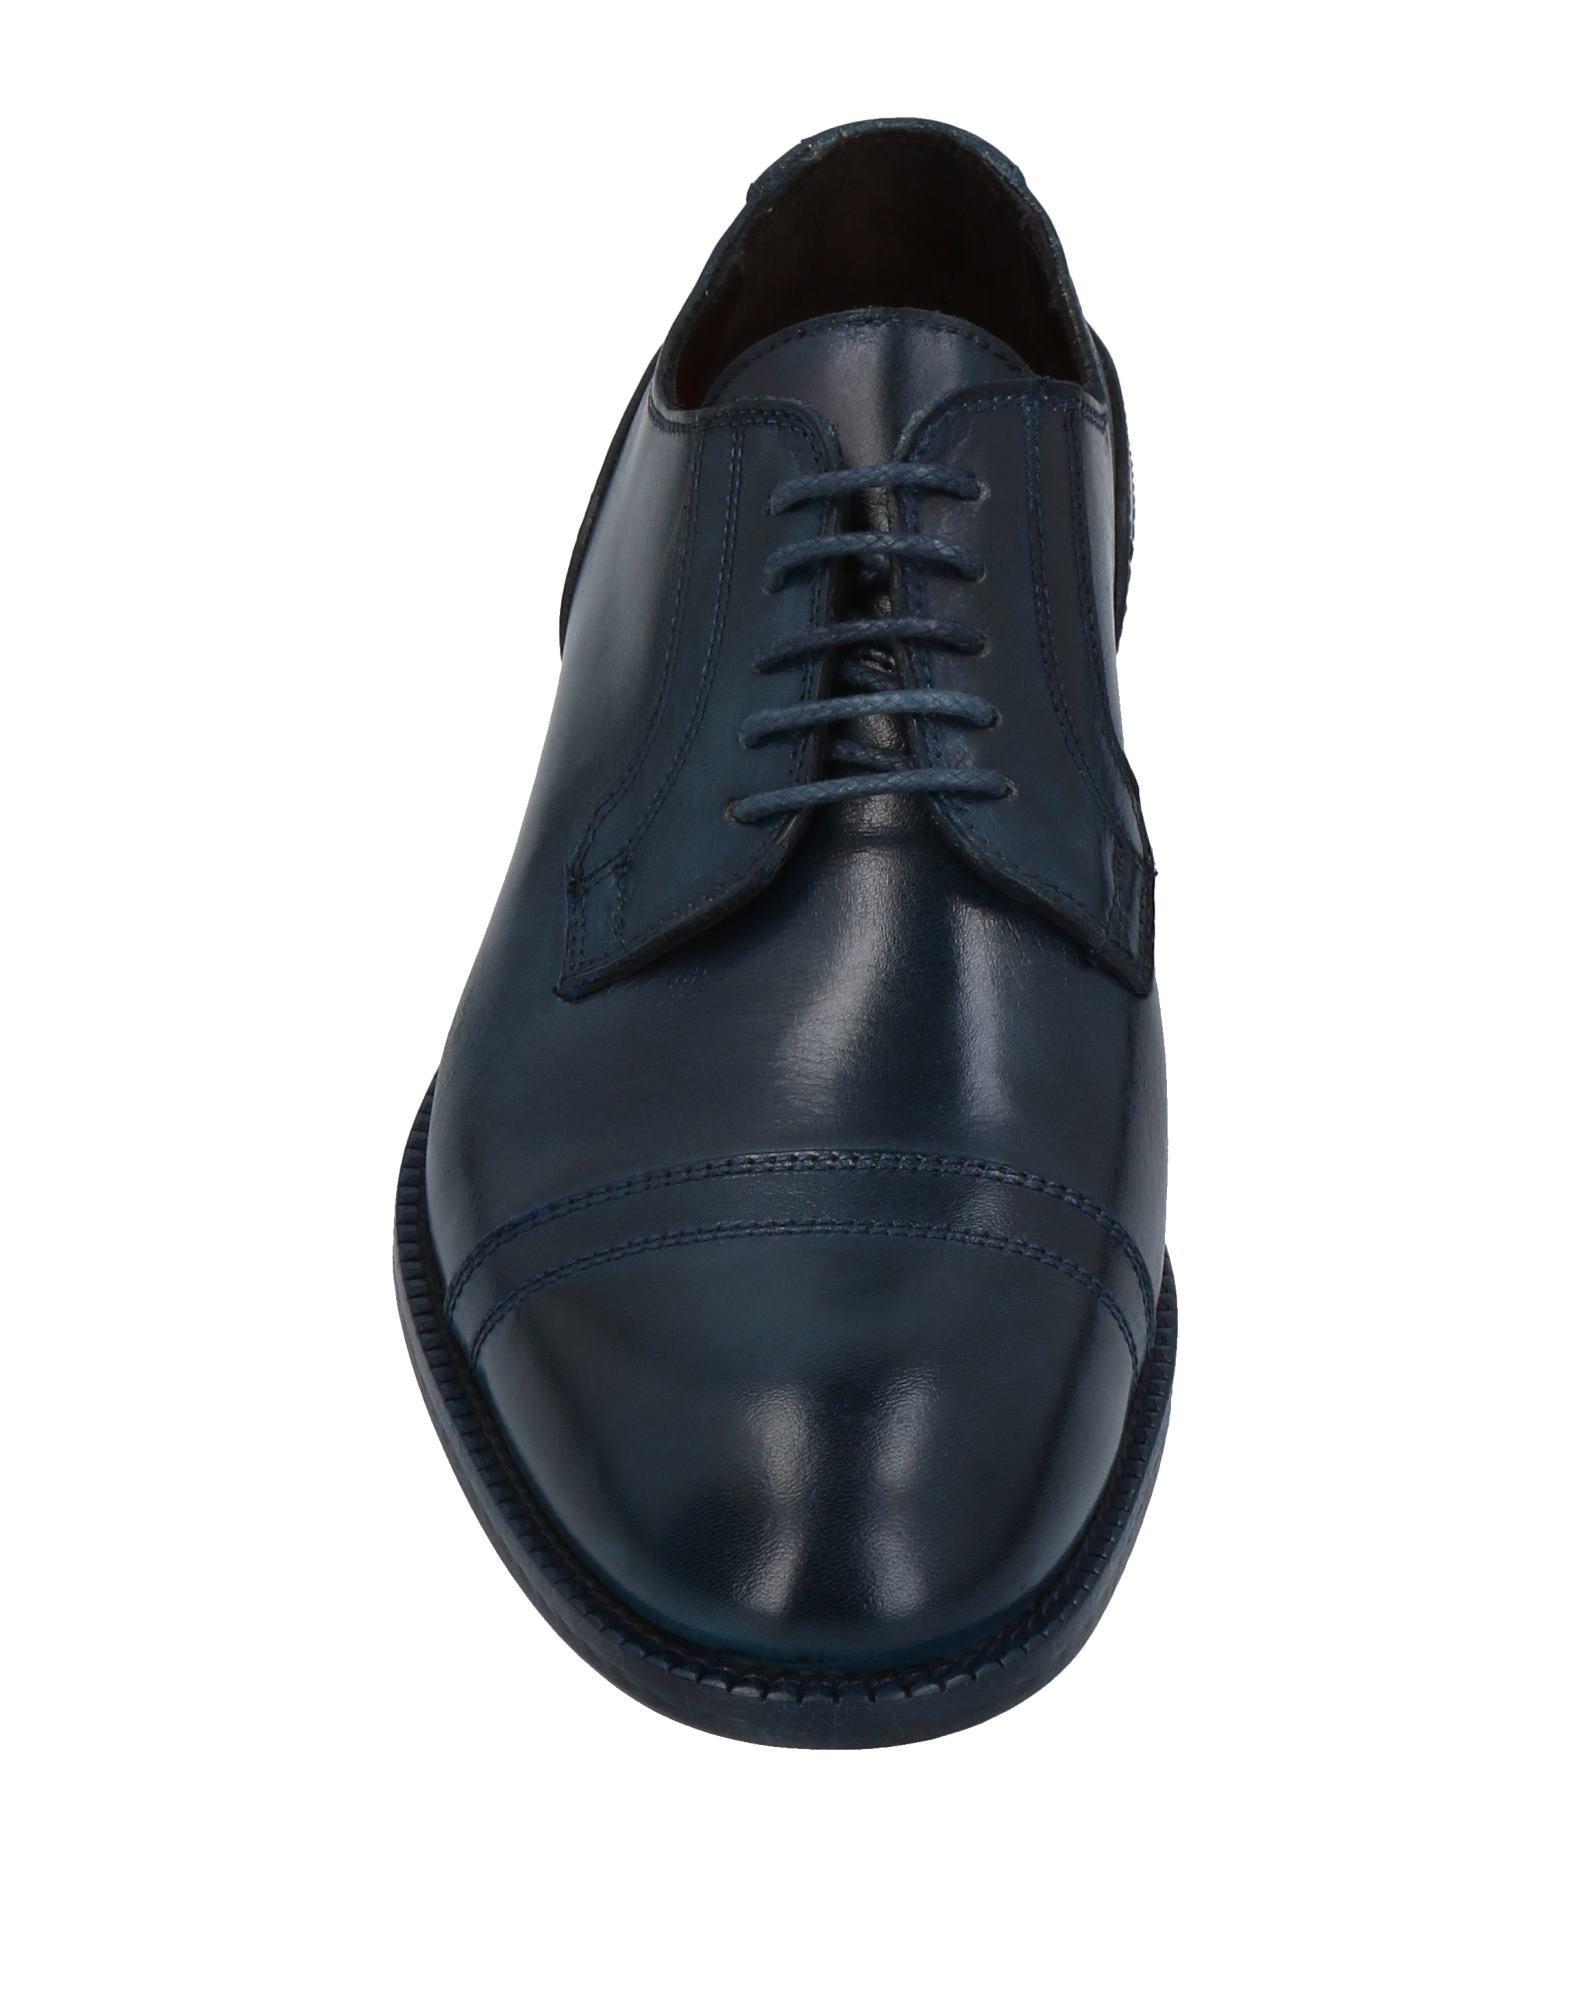 RICHARD LARS Chaussures à lacets homme. sGEba